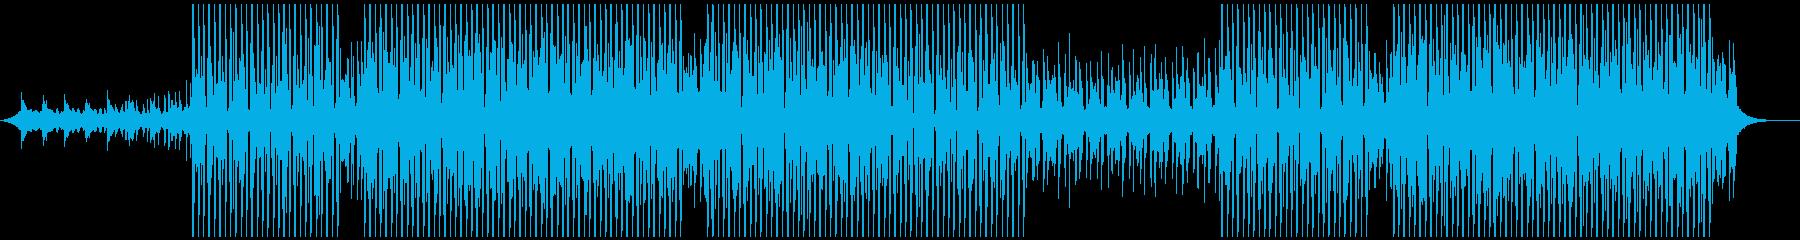 ダンスパーティーサマーの再生済みの波形